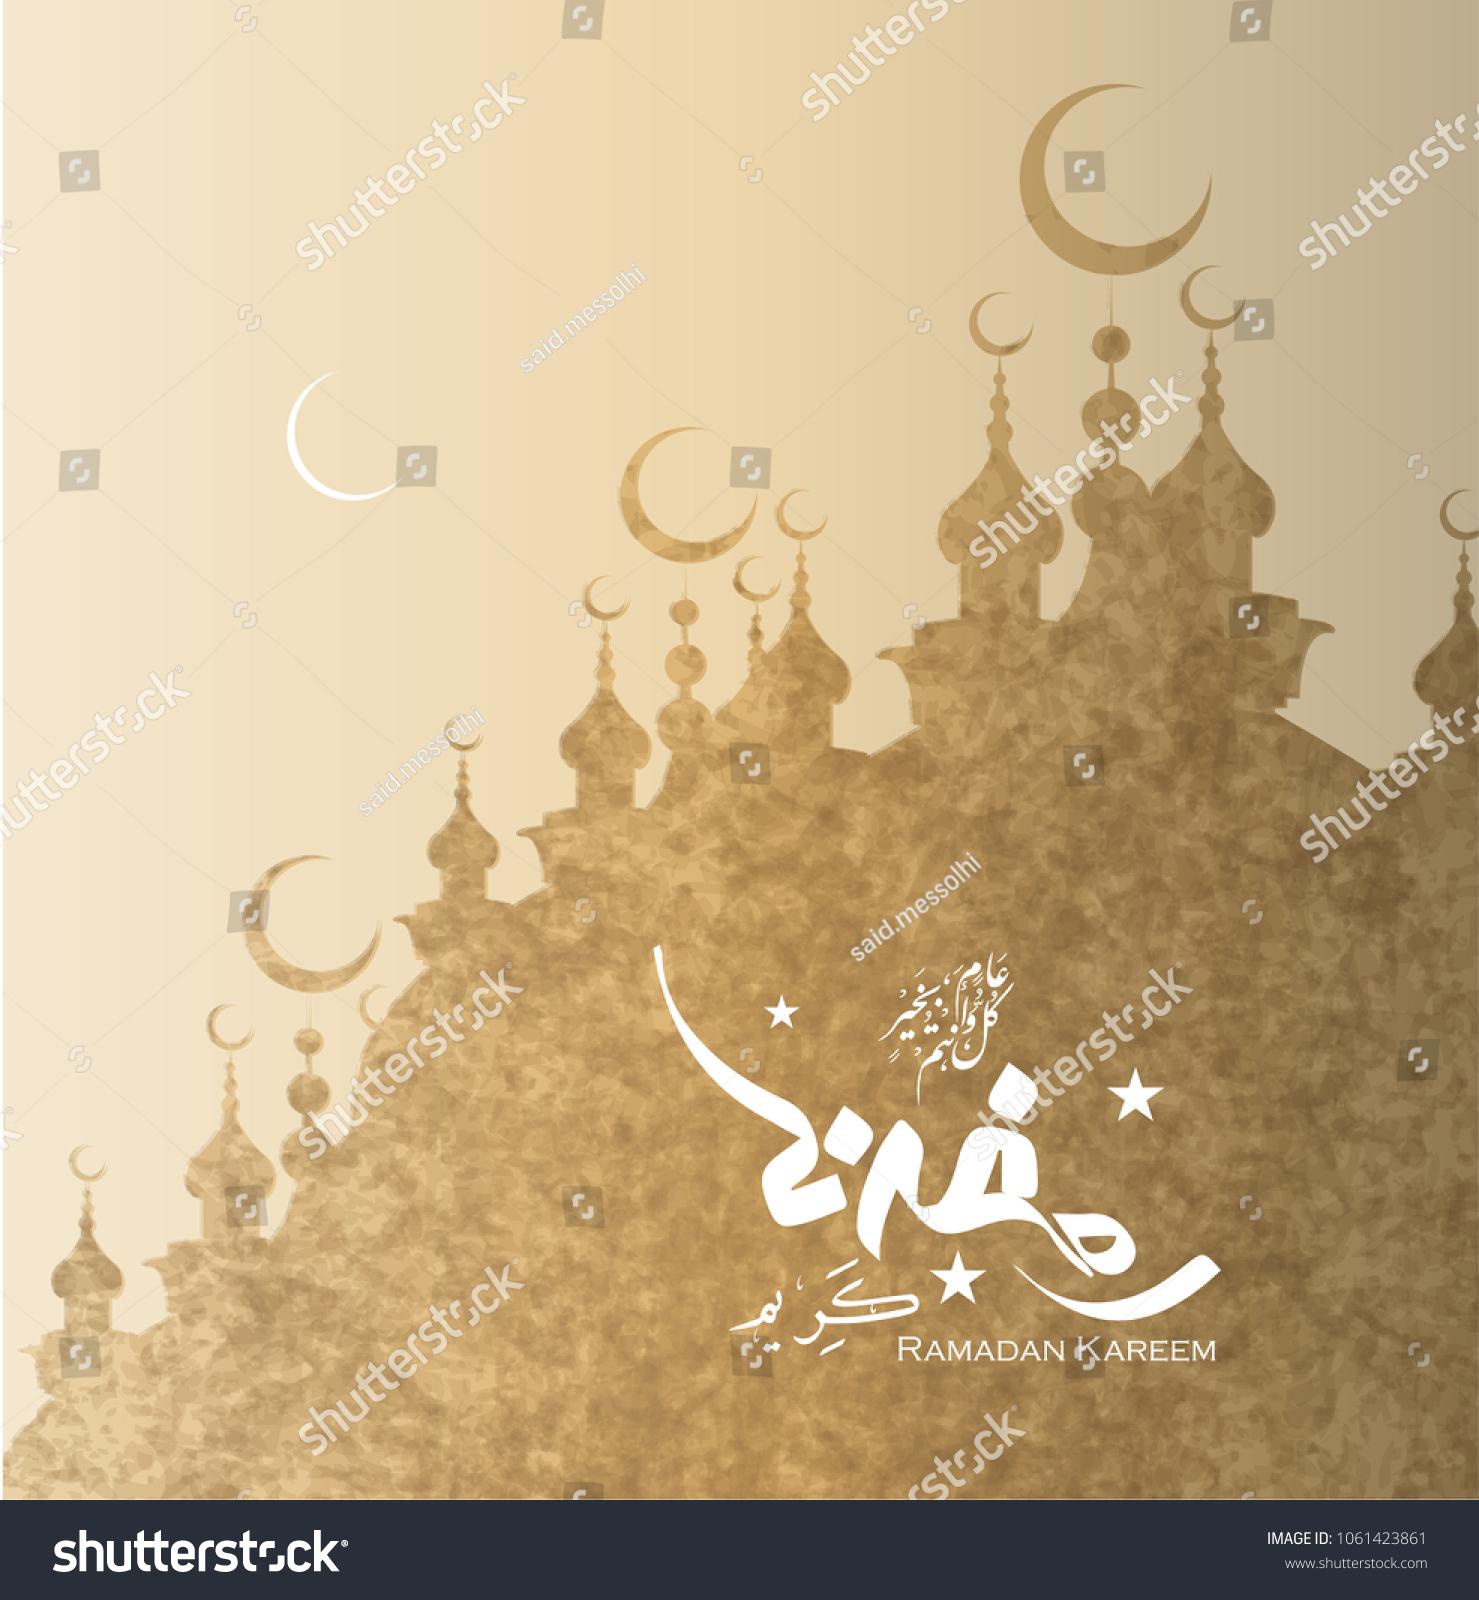 Ramadan Kareem Greeting Card Ramadan Mubarak Stock Vector 1061423861